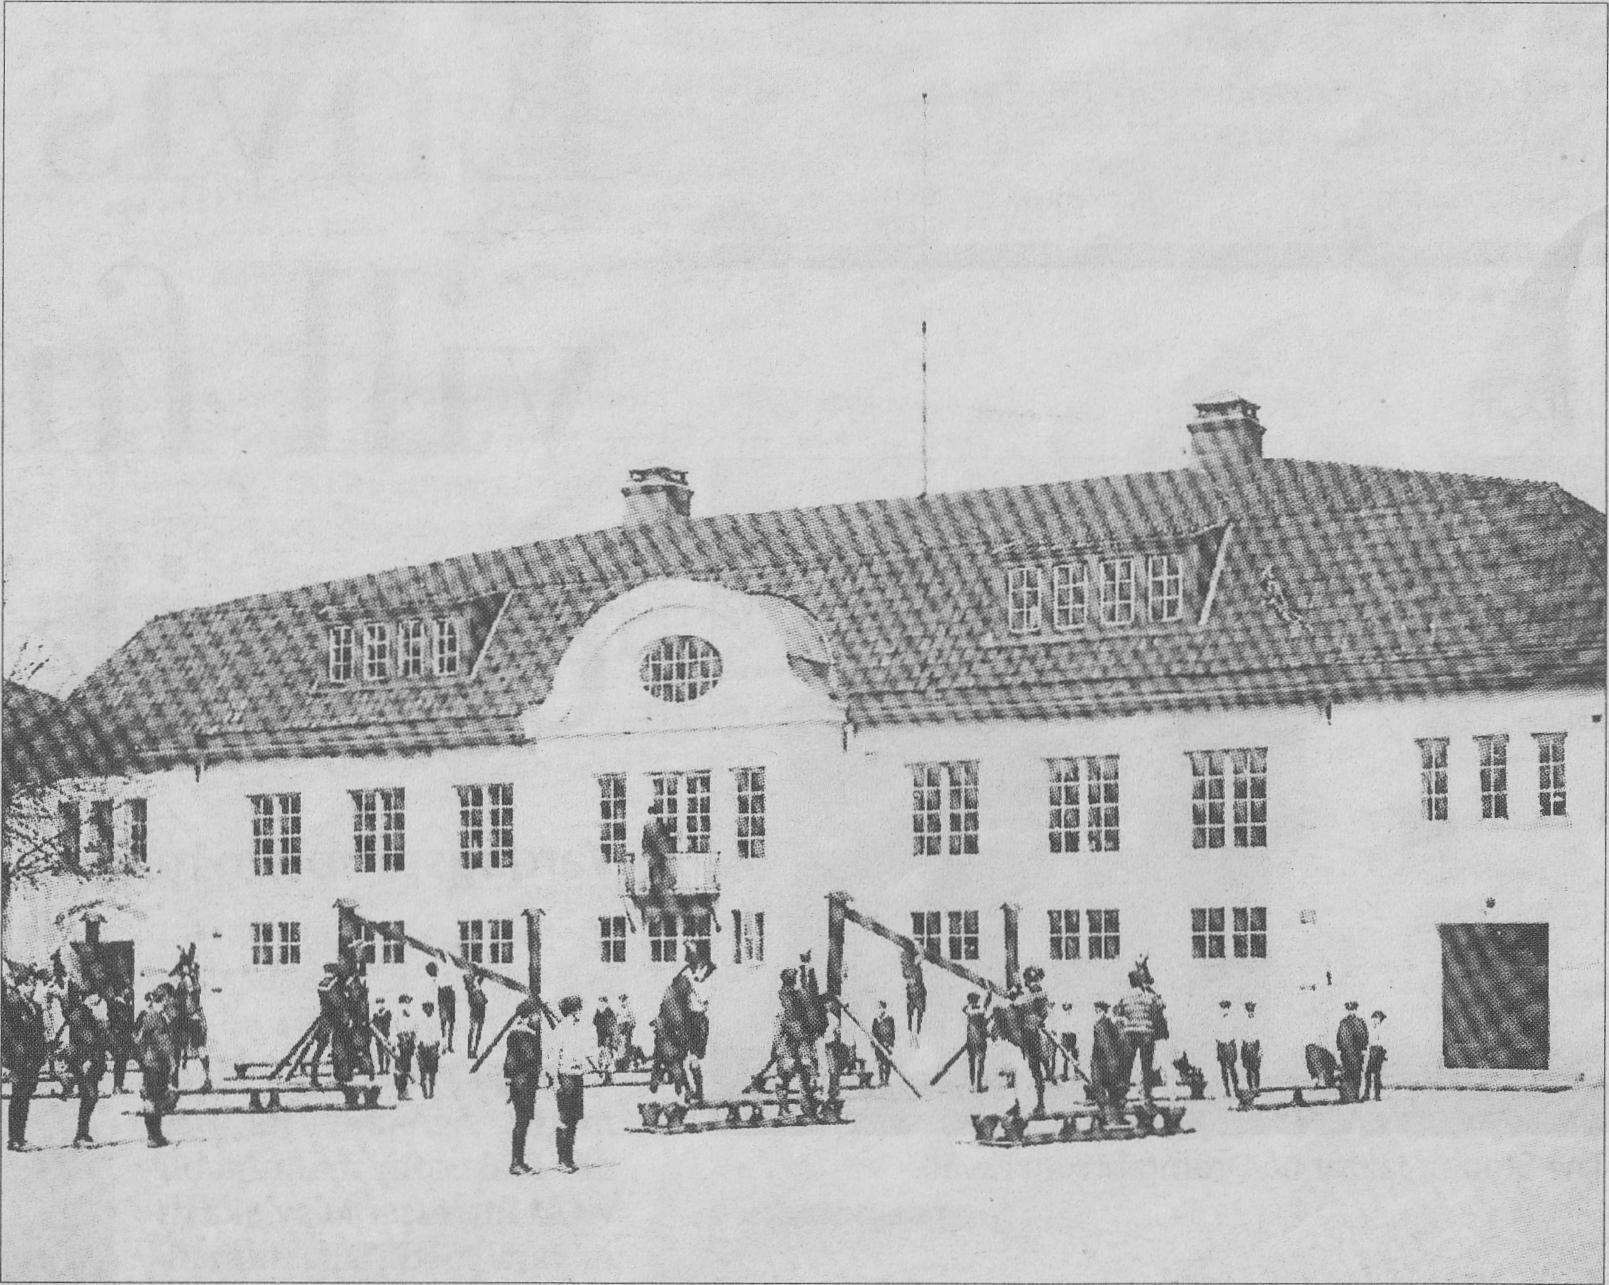 Gefle Gymnasii Idrottsförening